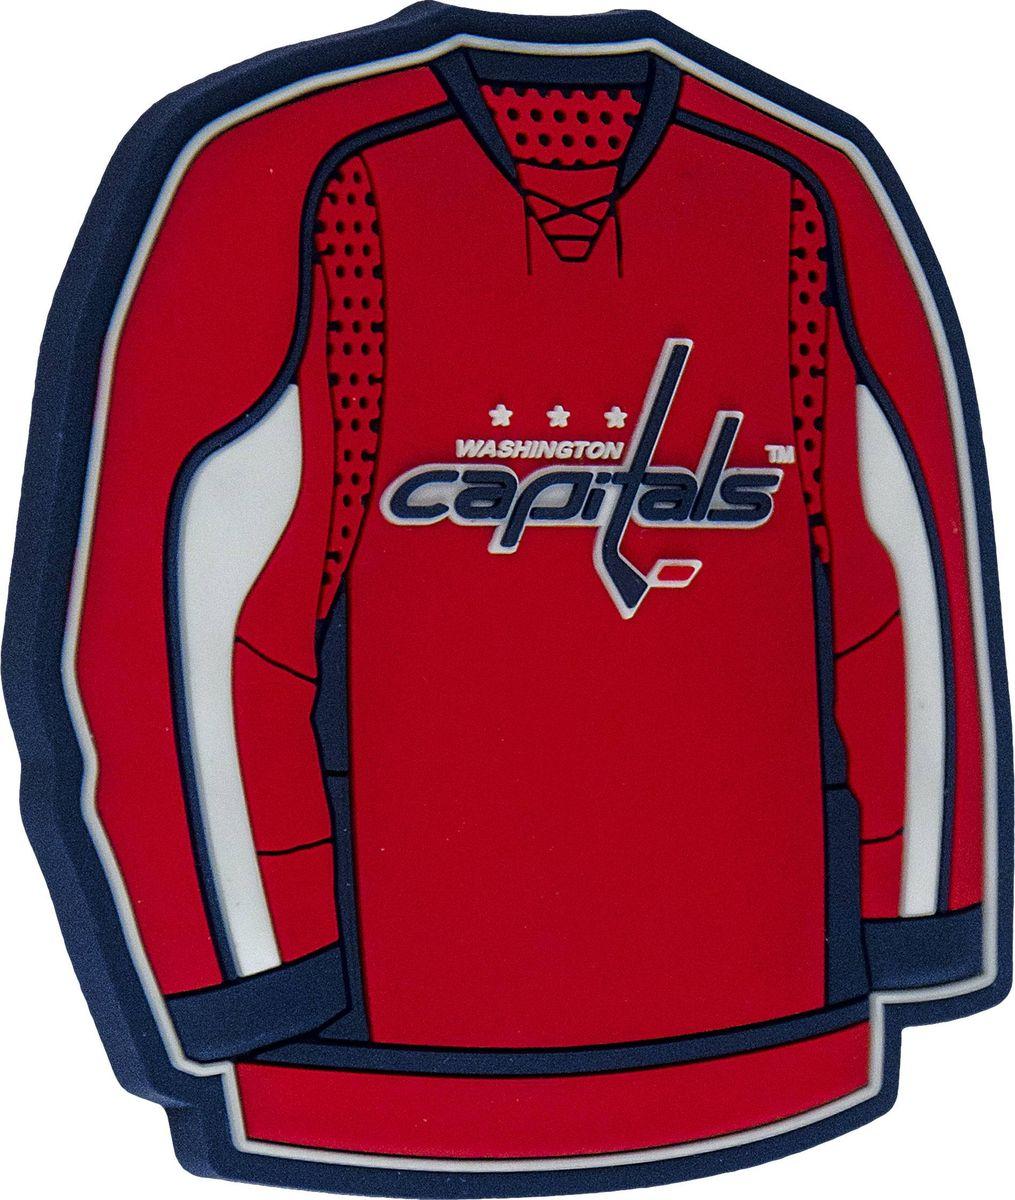 Магнит Atributika & Club Washington Capitals, цвет: красный. 56007322020Магнит Atributika & Club выполнен из полимерного материала в виде символики вашего любимого клуба.Длина: 8 см.